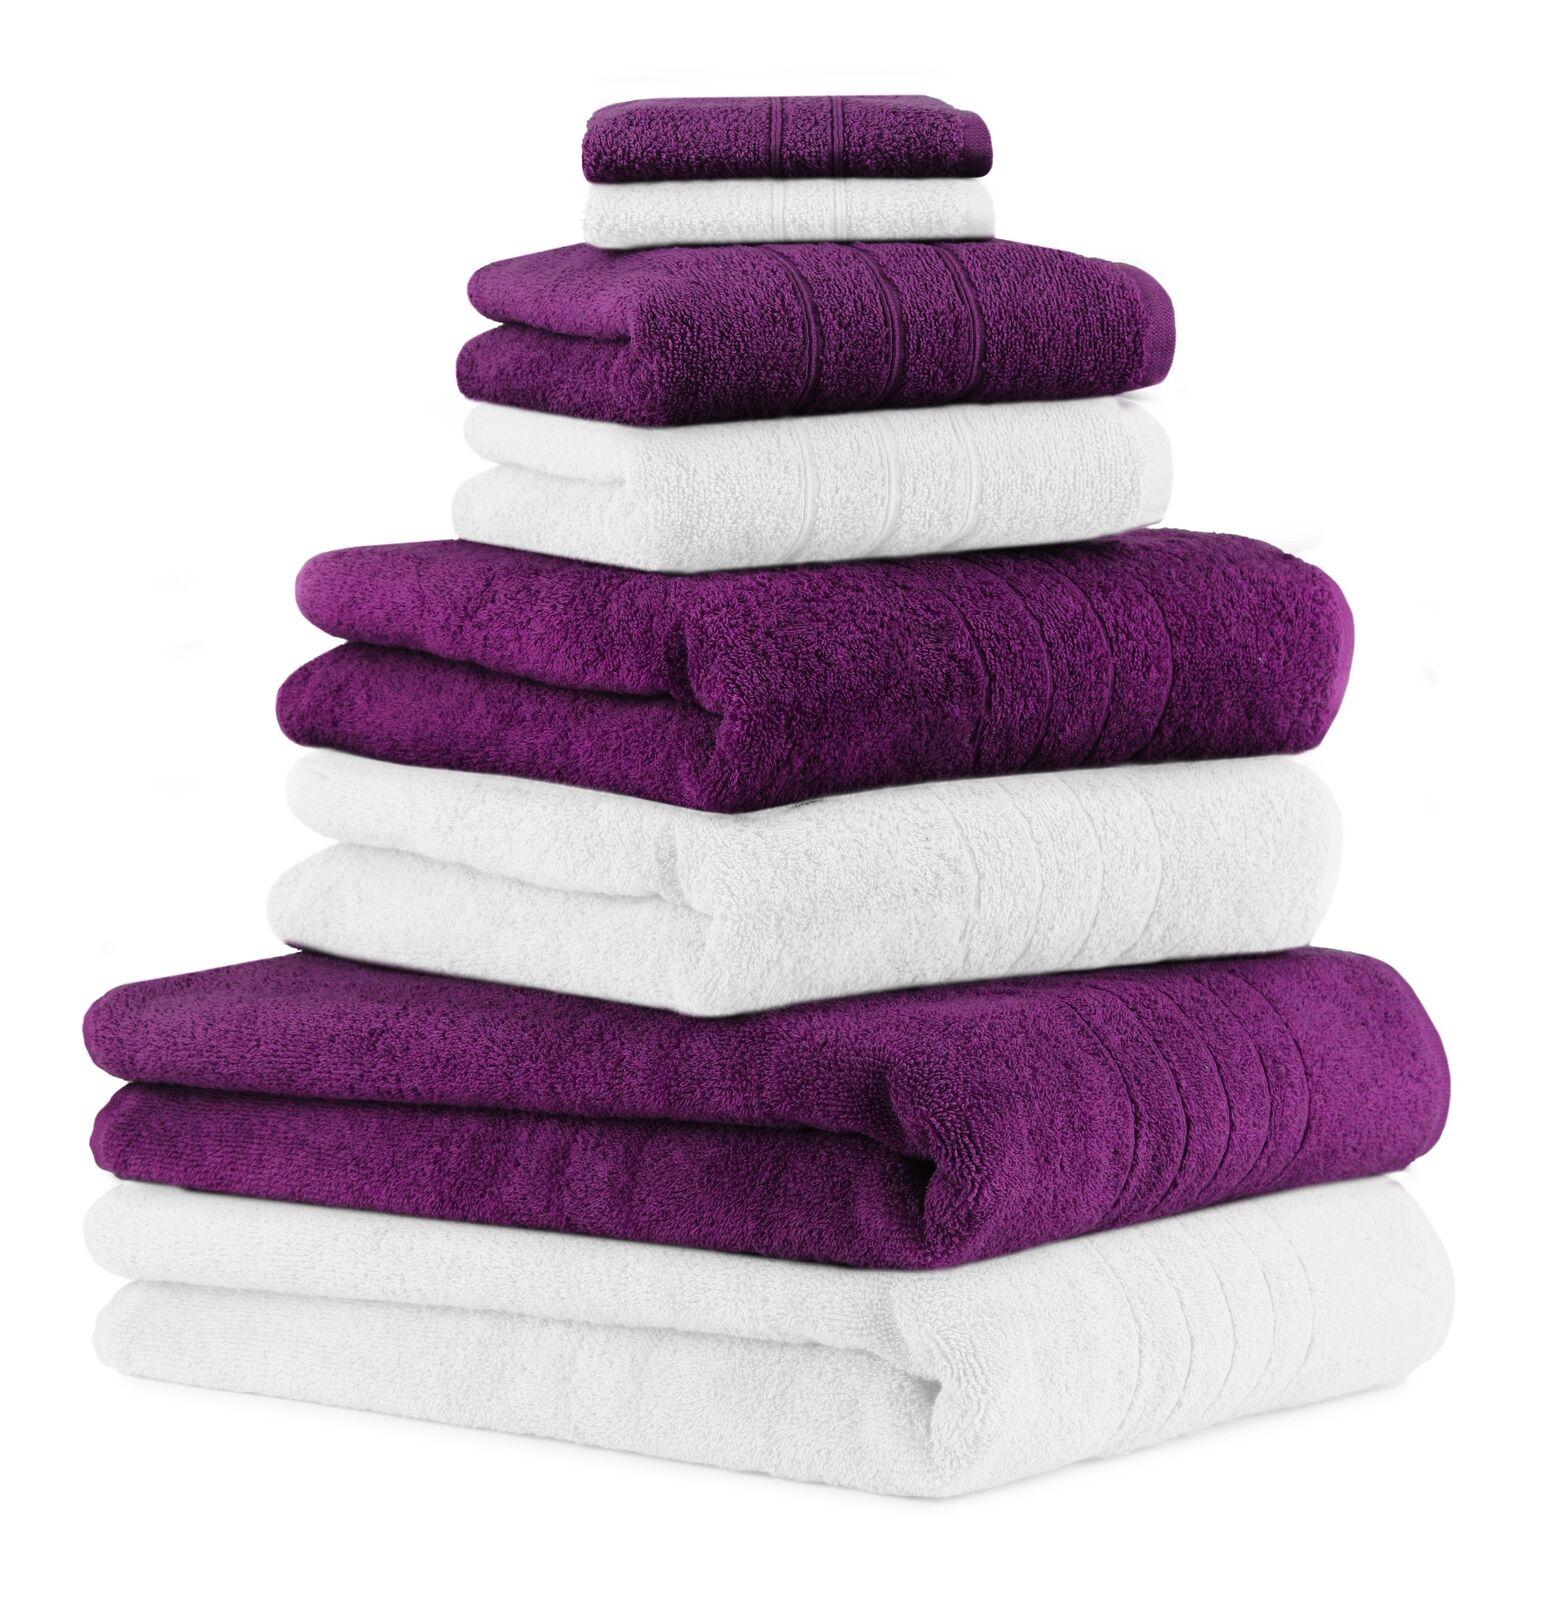 Betz 8-tlg. Handtuchset DELUXE Seiftuch Handtuch Duschtuch Badetuch     | Räumungsverkauf